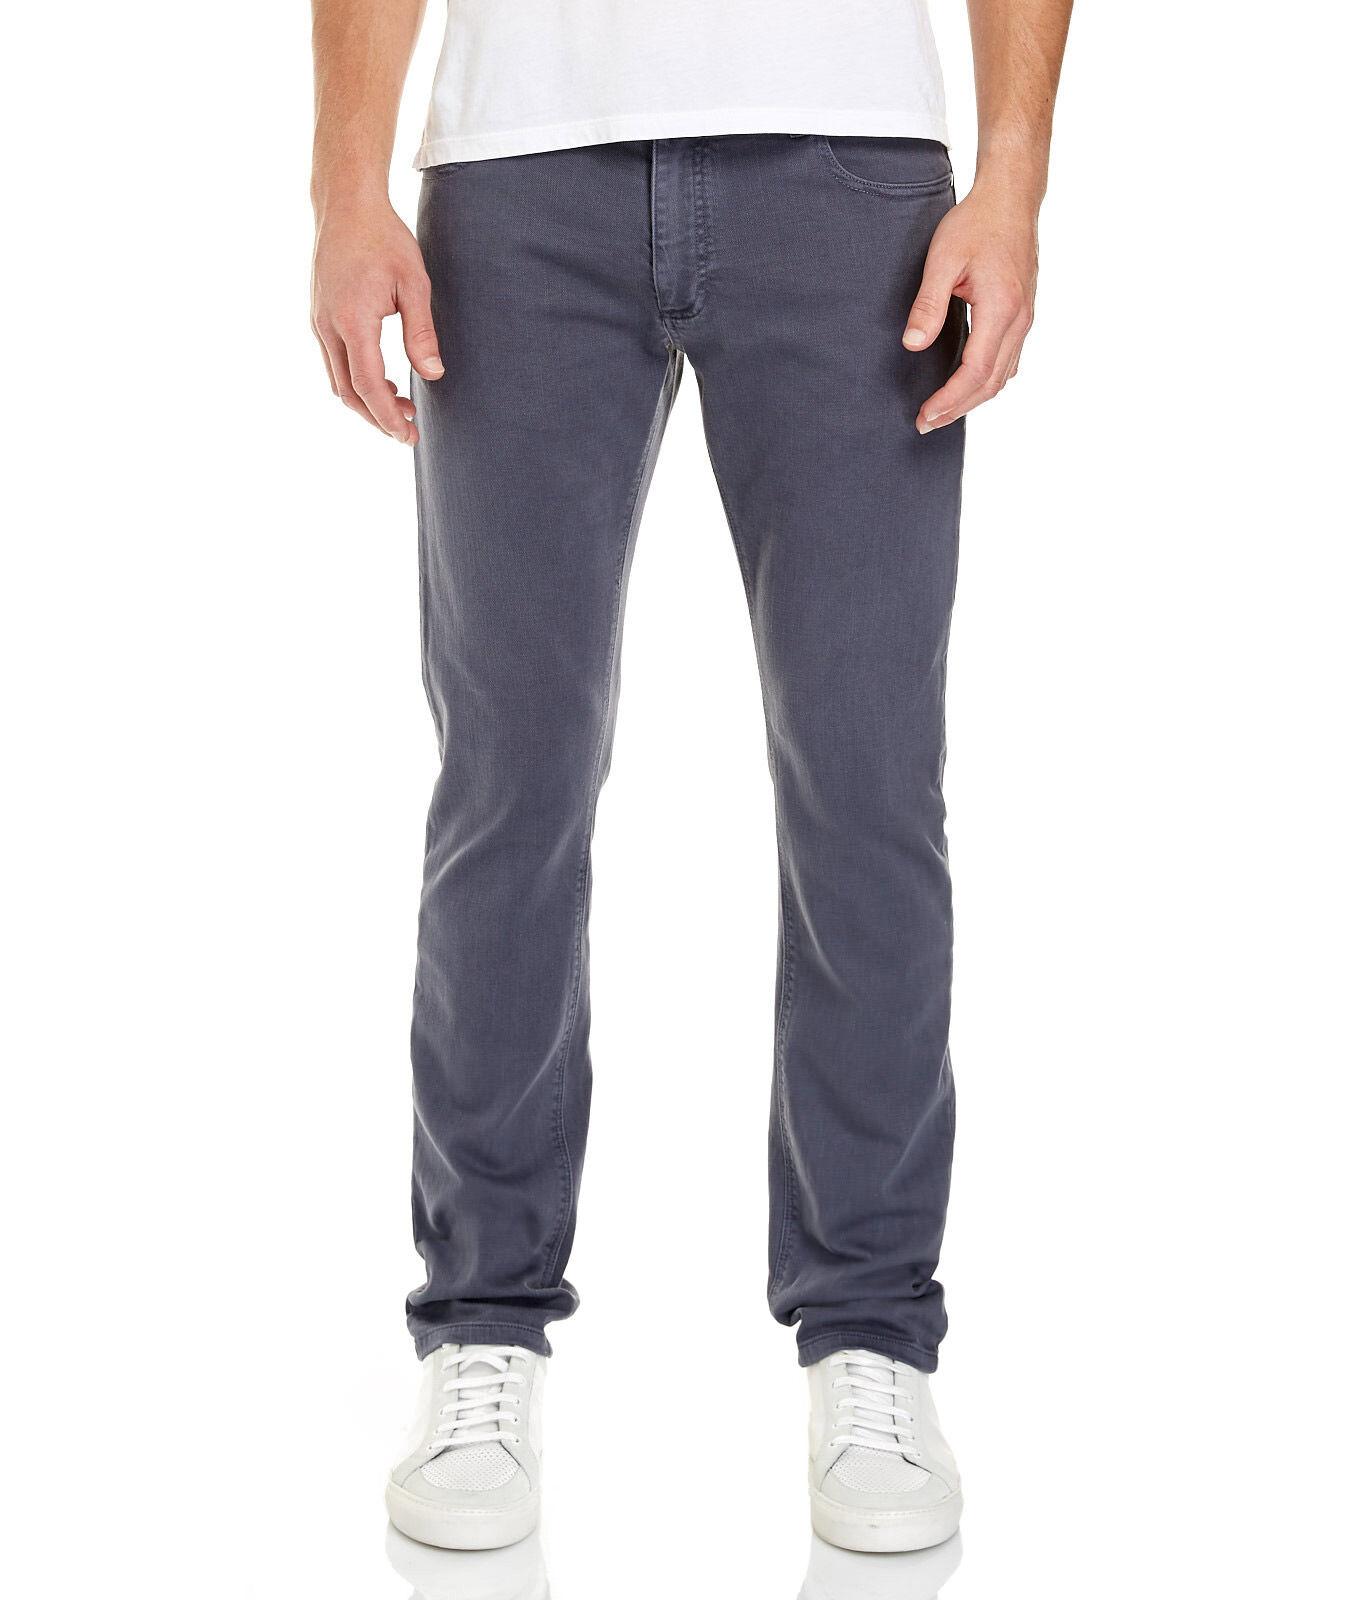 saba butler slim jeansbluesteel36